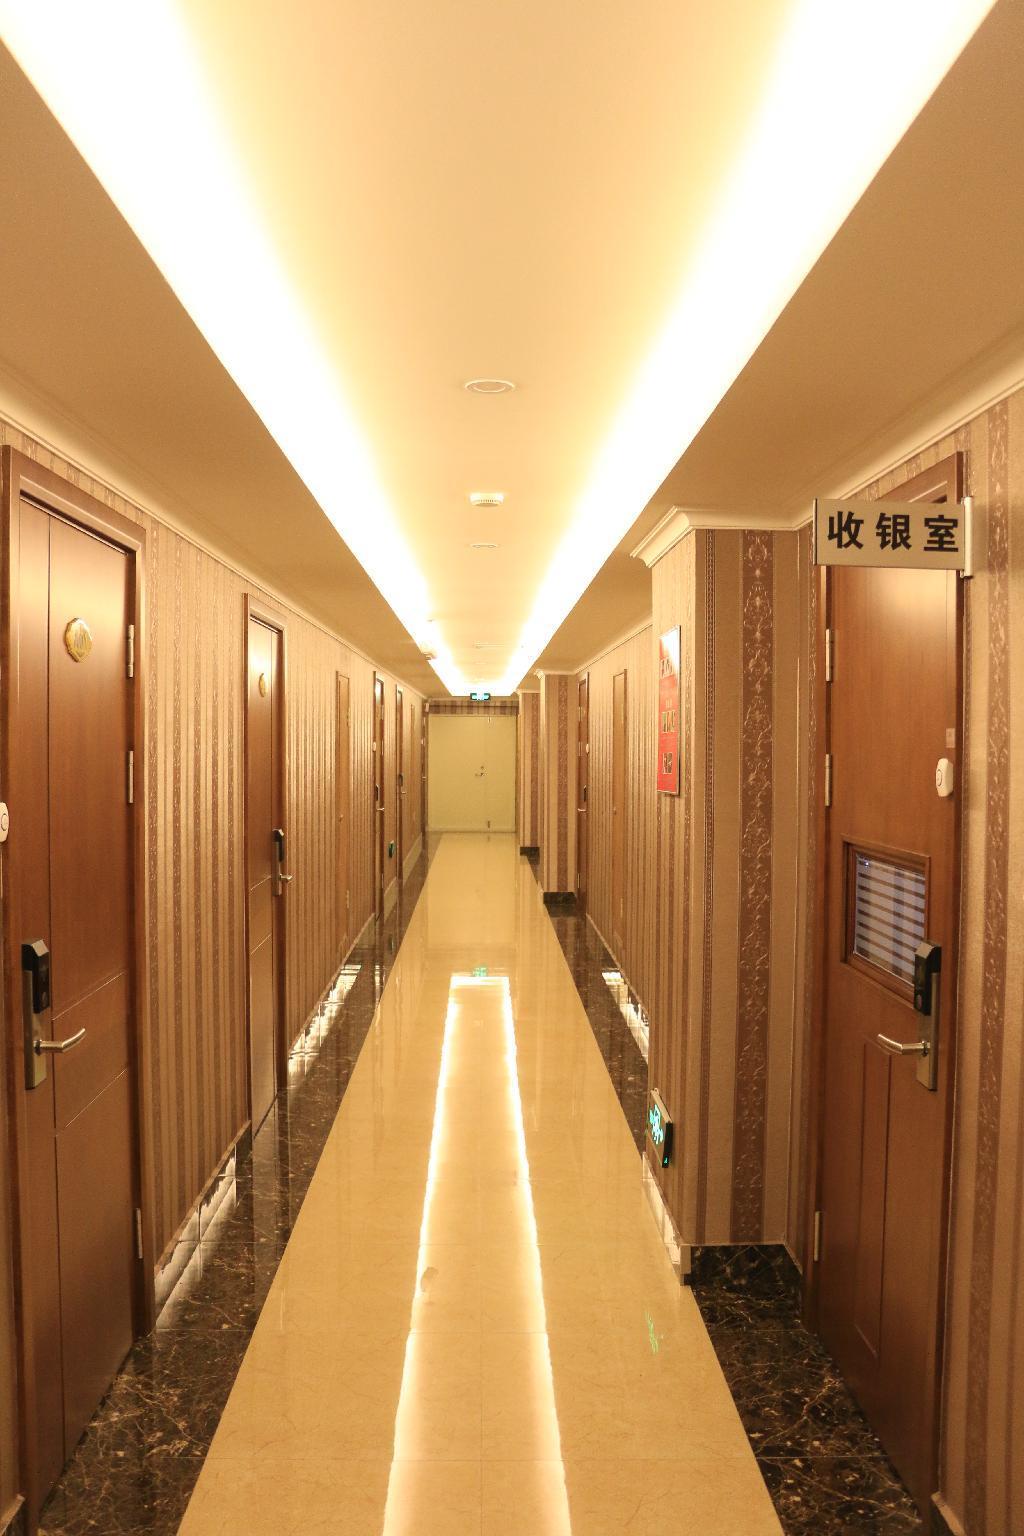 Hanshi Hotel